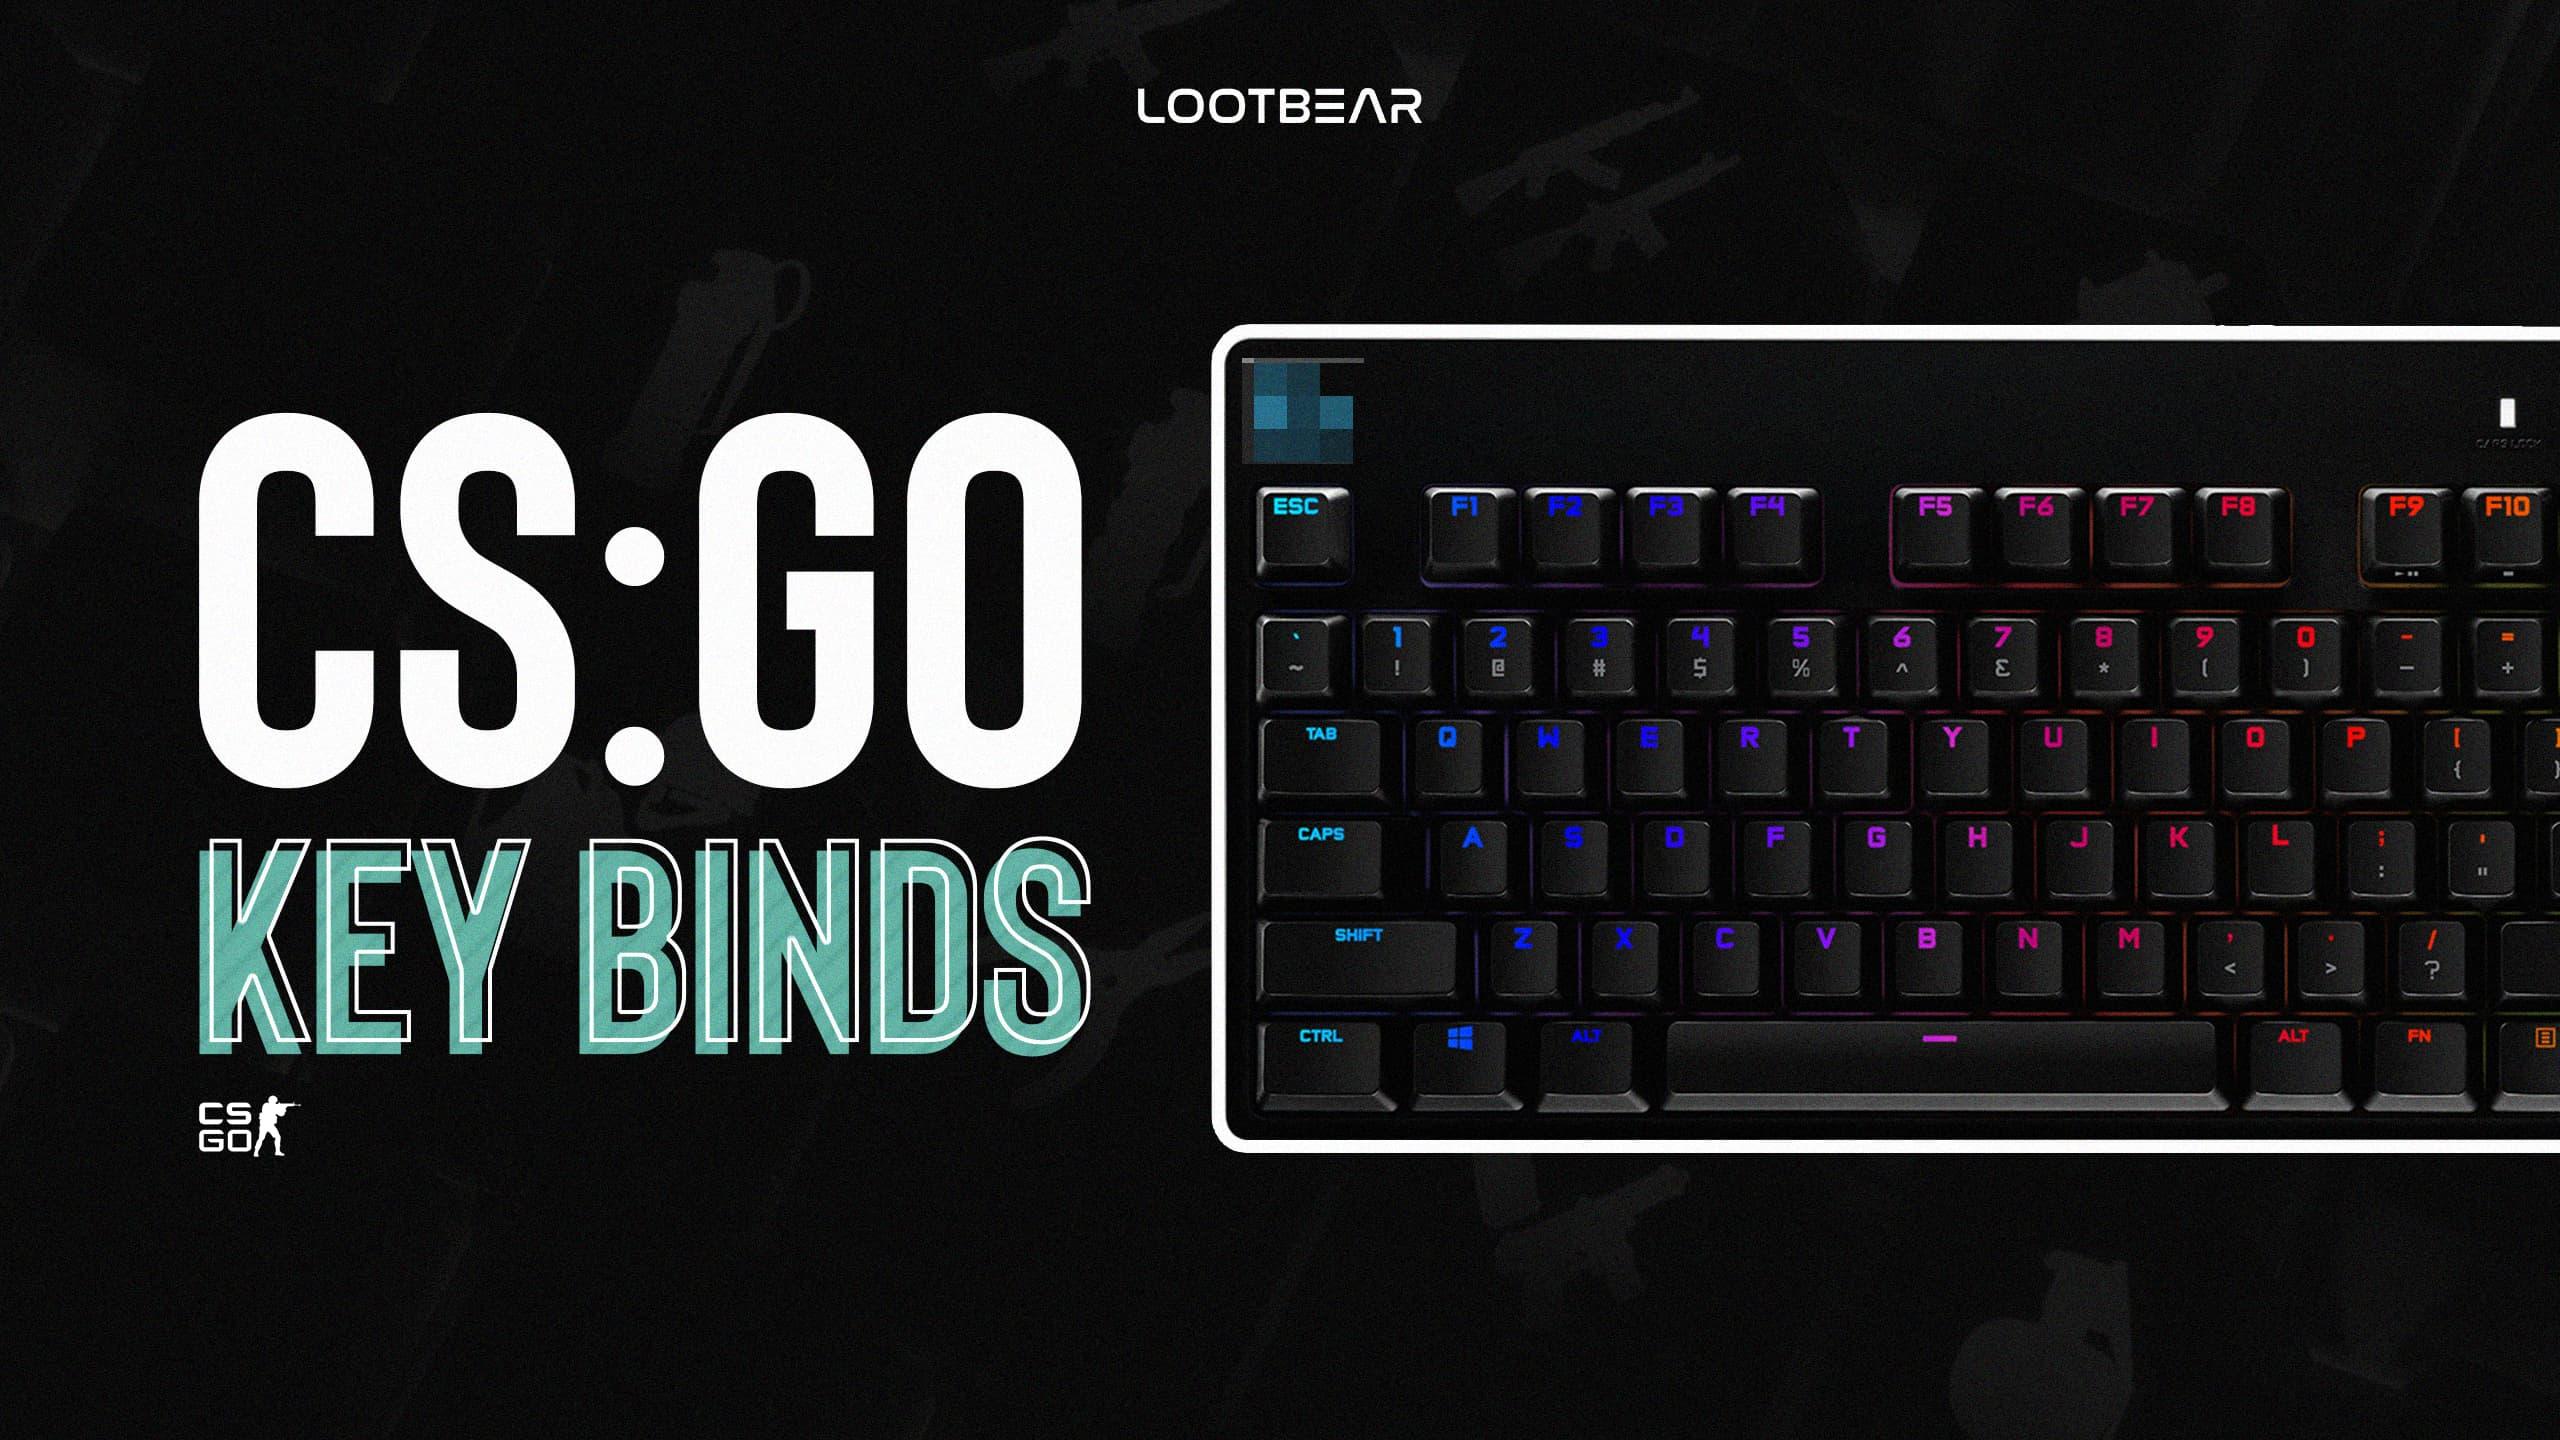 CSGO key binds